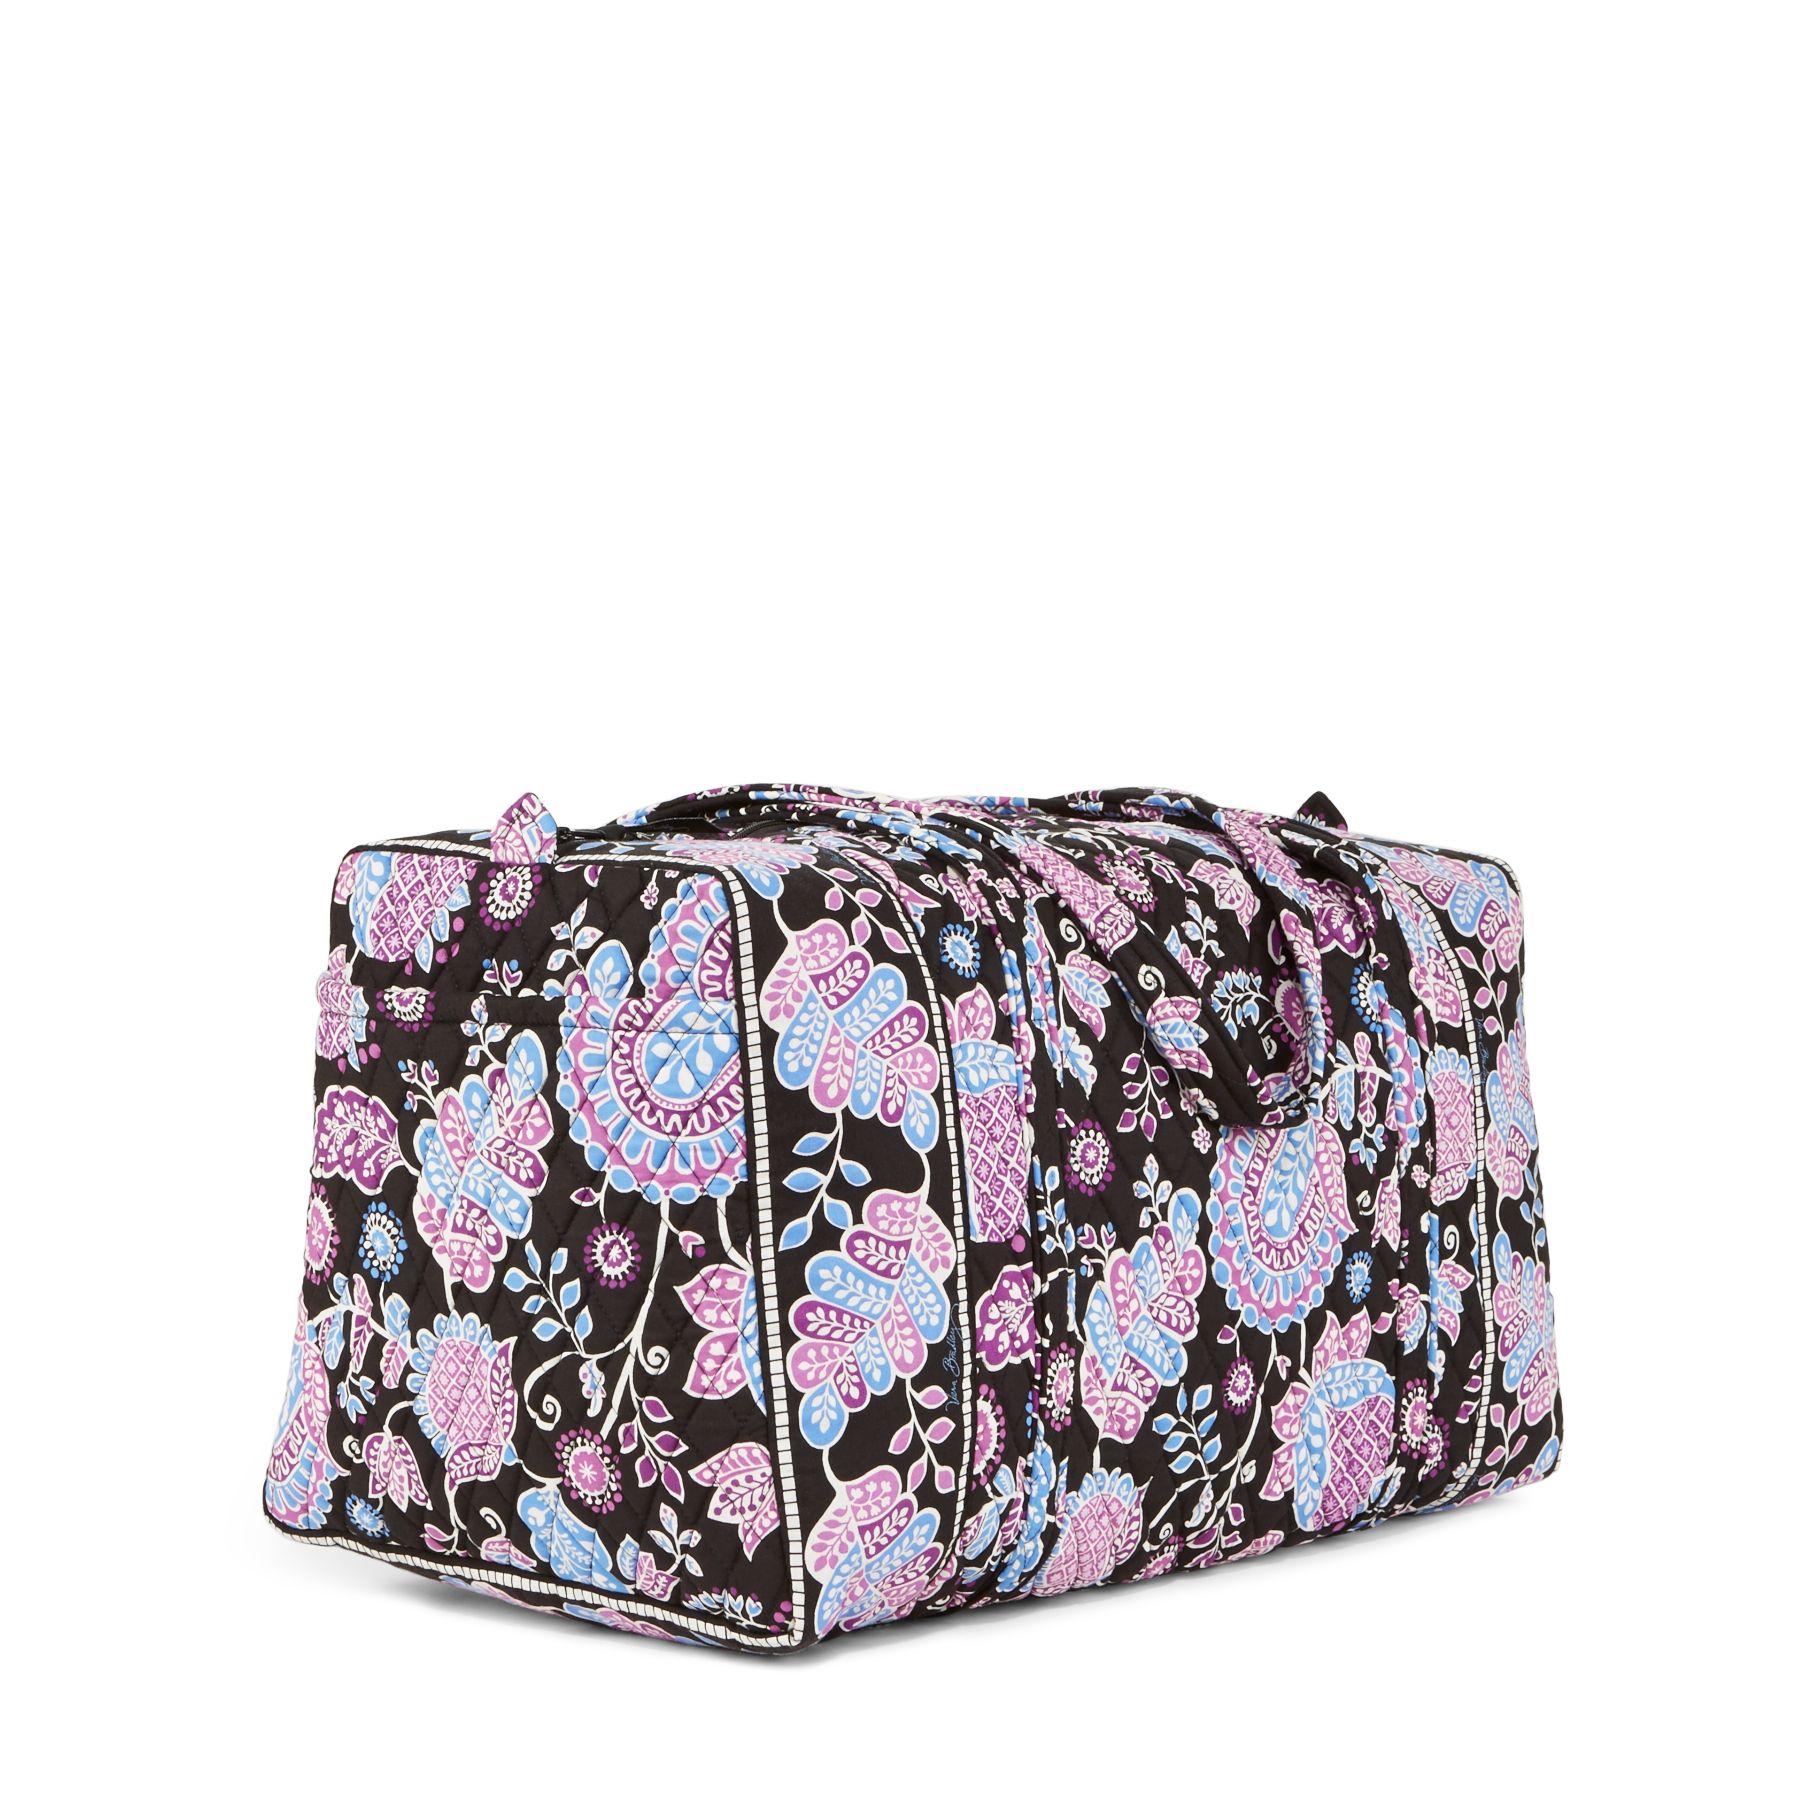 Vera-Bradley-Large-Duffel-Bag